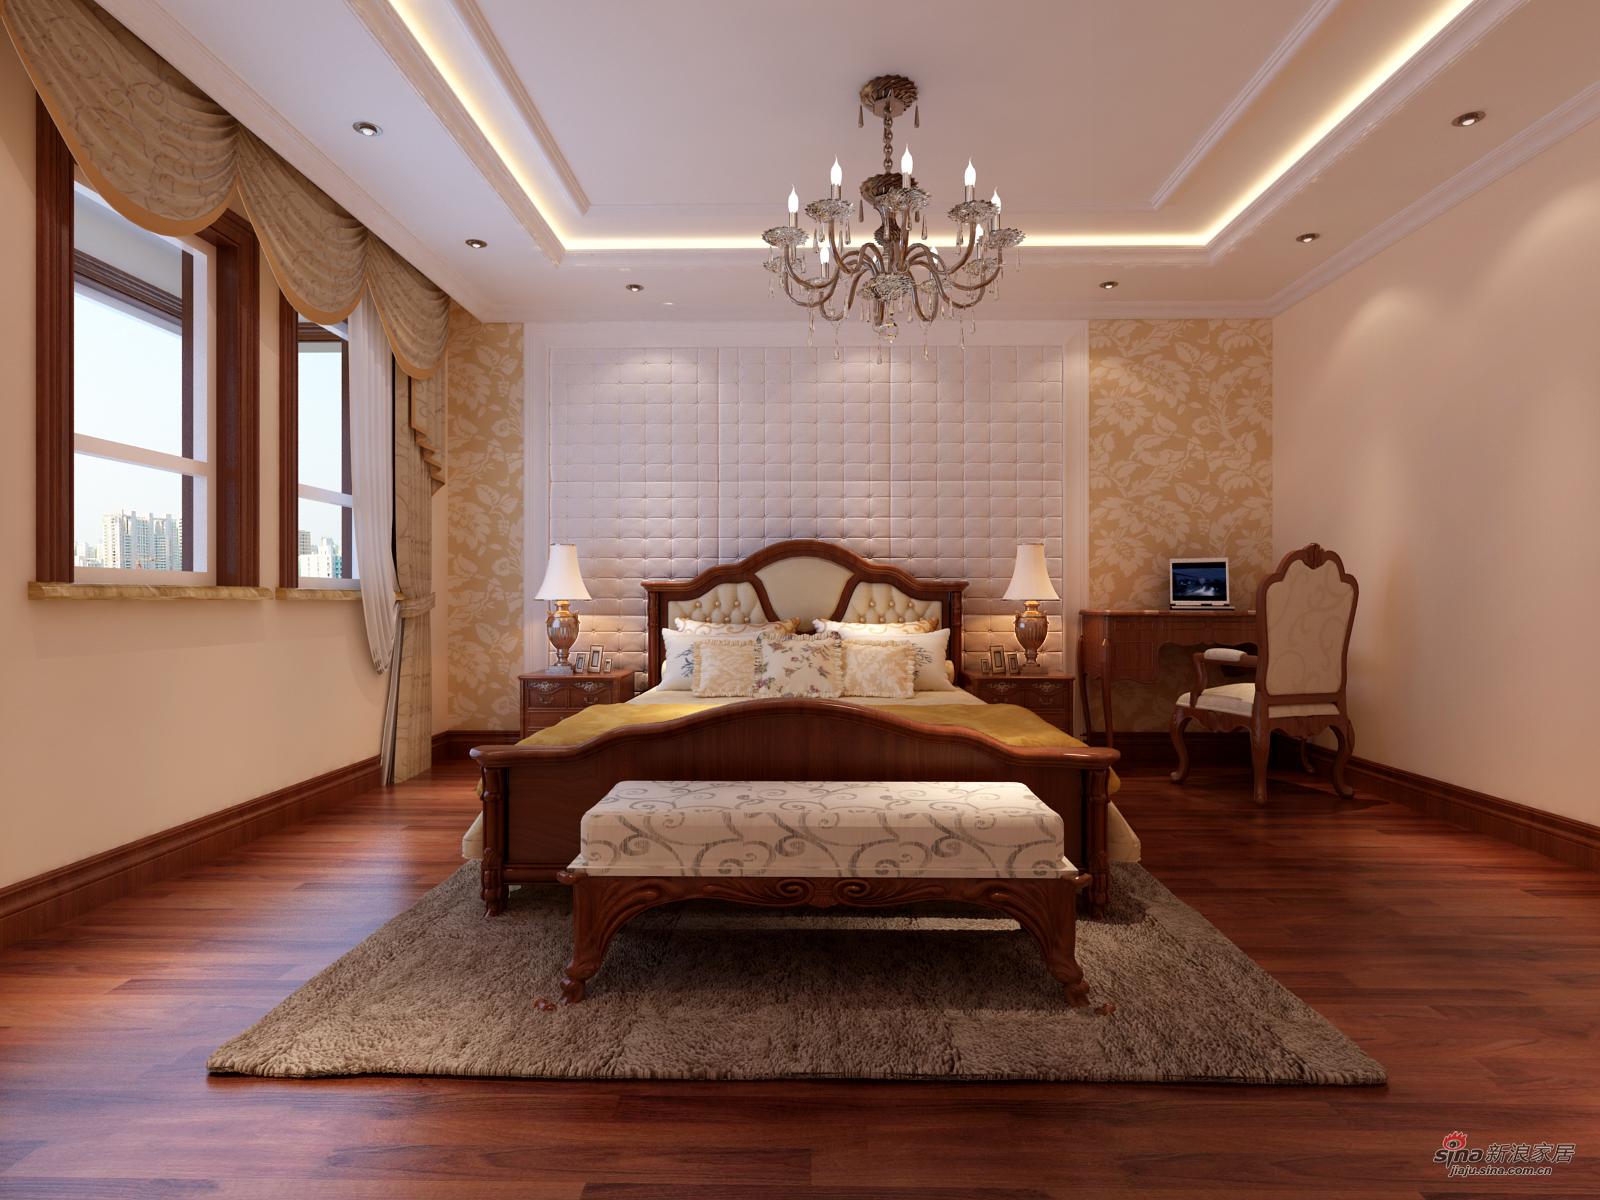 混搭 别墅 卧室图片来自用户1907655435在永定河孔雀城210平简约欧式设计风格10的分享